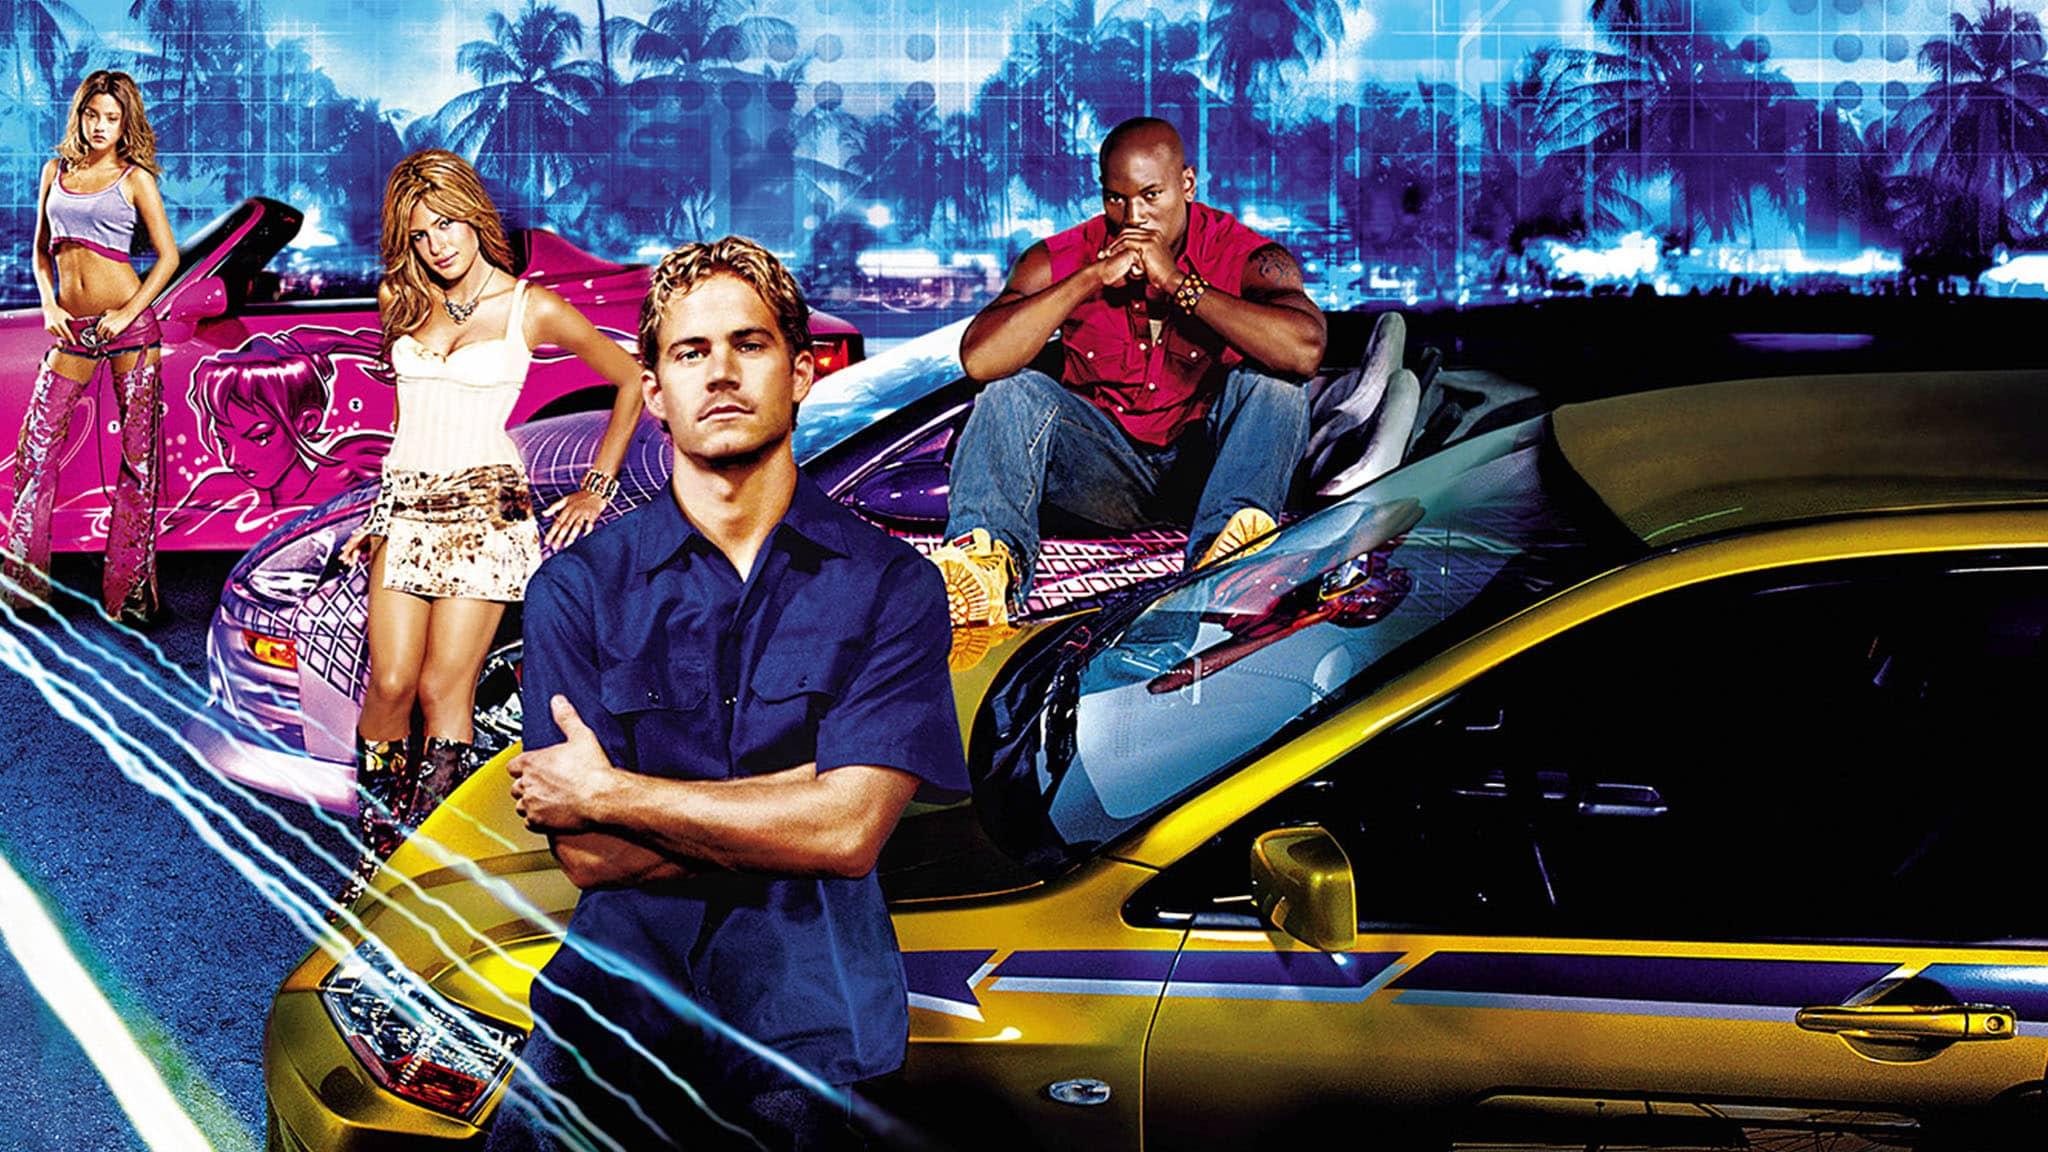 فيلم 2 Fast 2 Furious 2003 مترجم